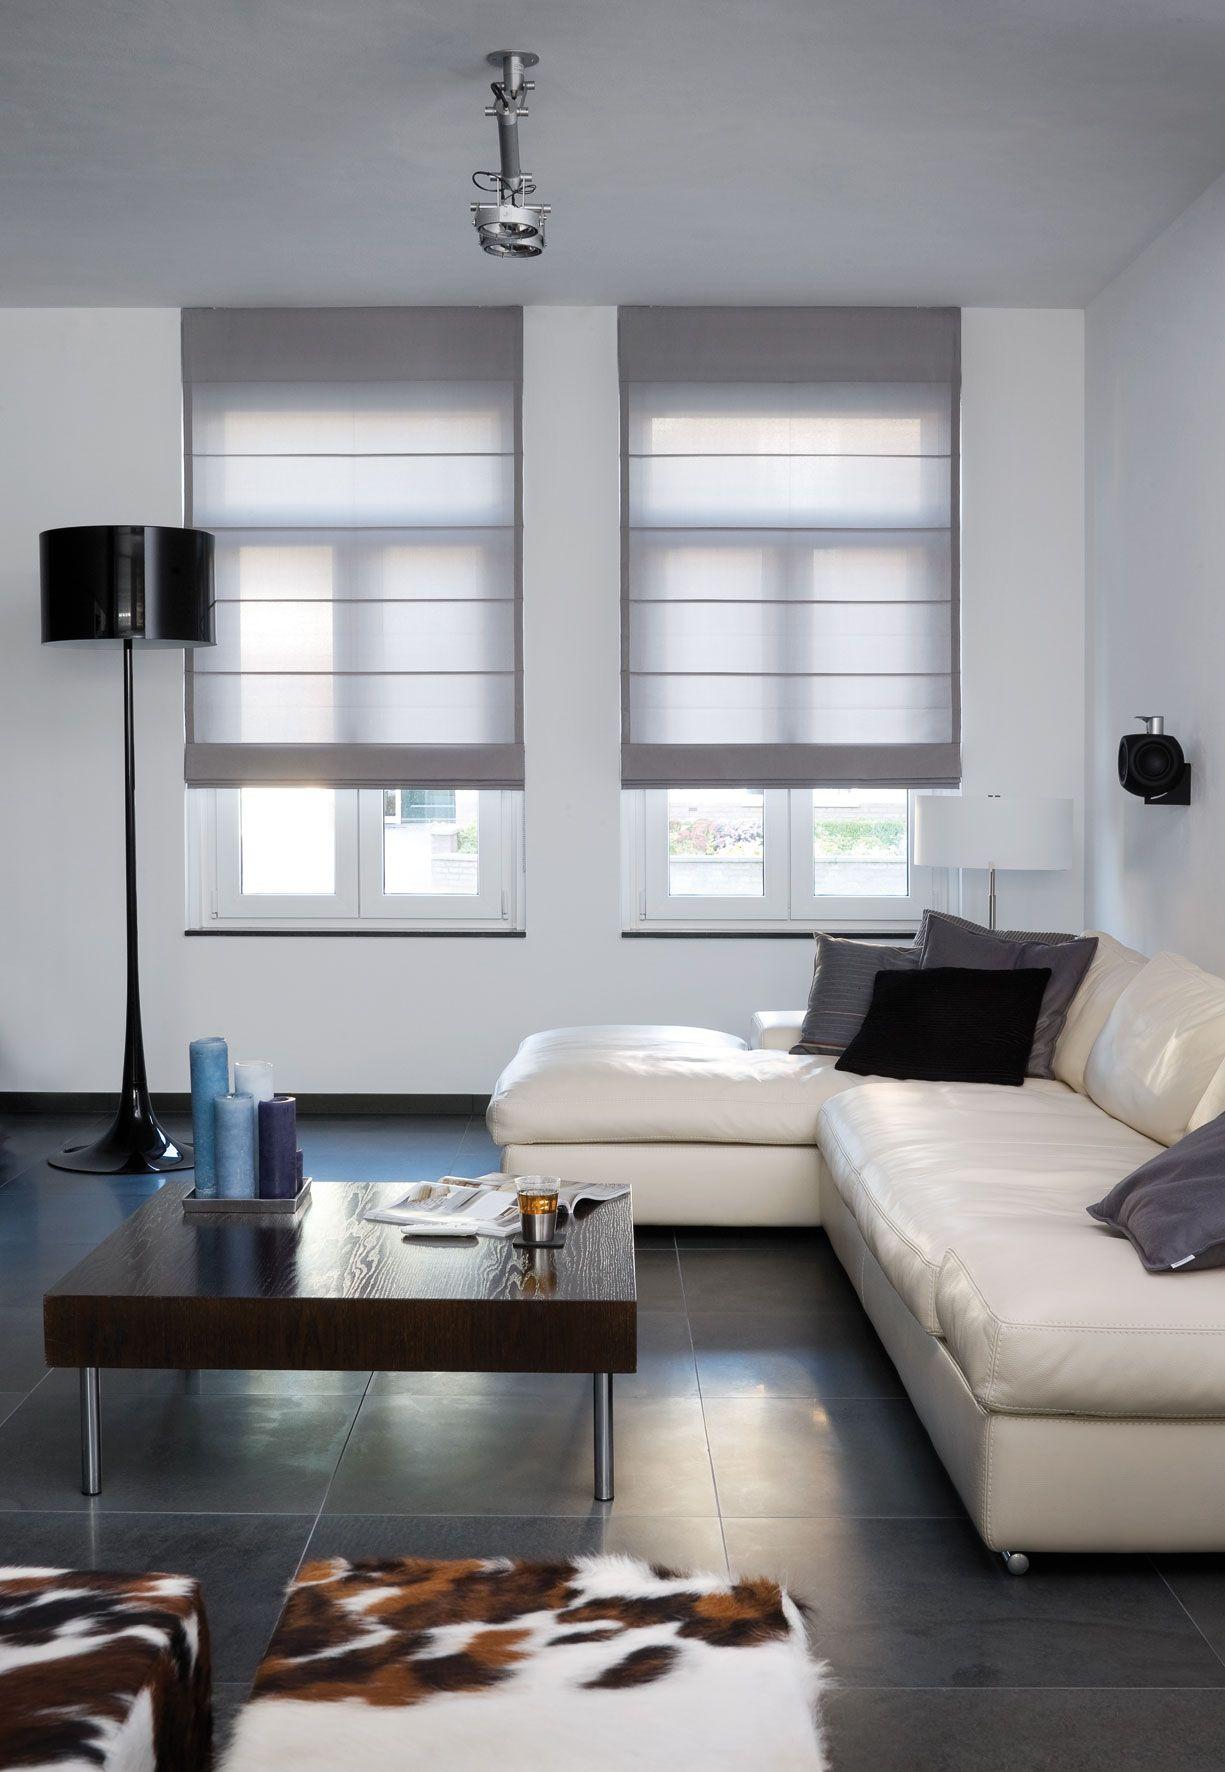 Mooie strakke woonkamer met vouwgordijnen | Ideeën voor het huis ...